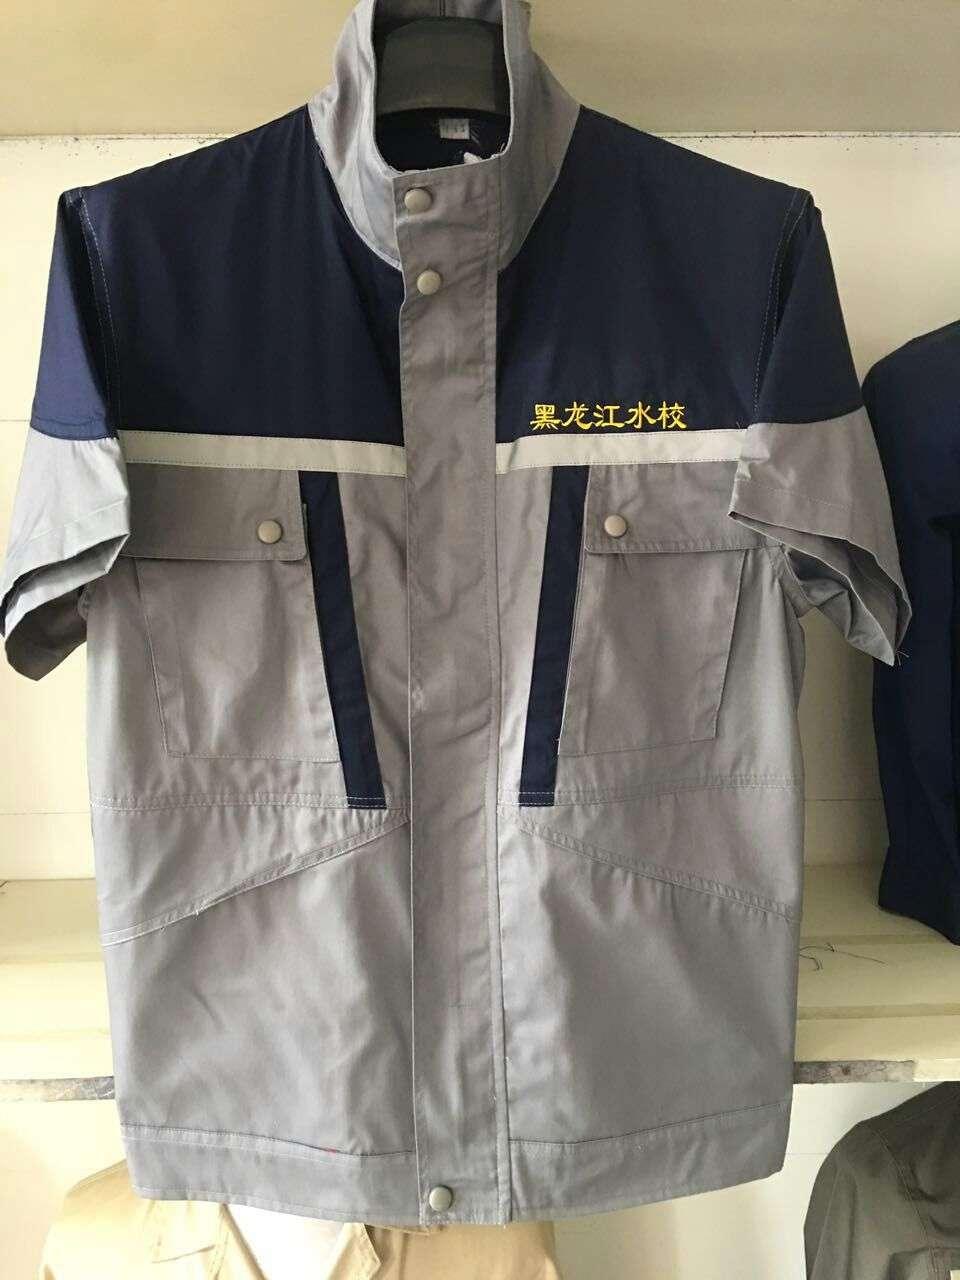 齊齊哈爾工作服棉服定做團體服裝定做宣傳服定做的地方